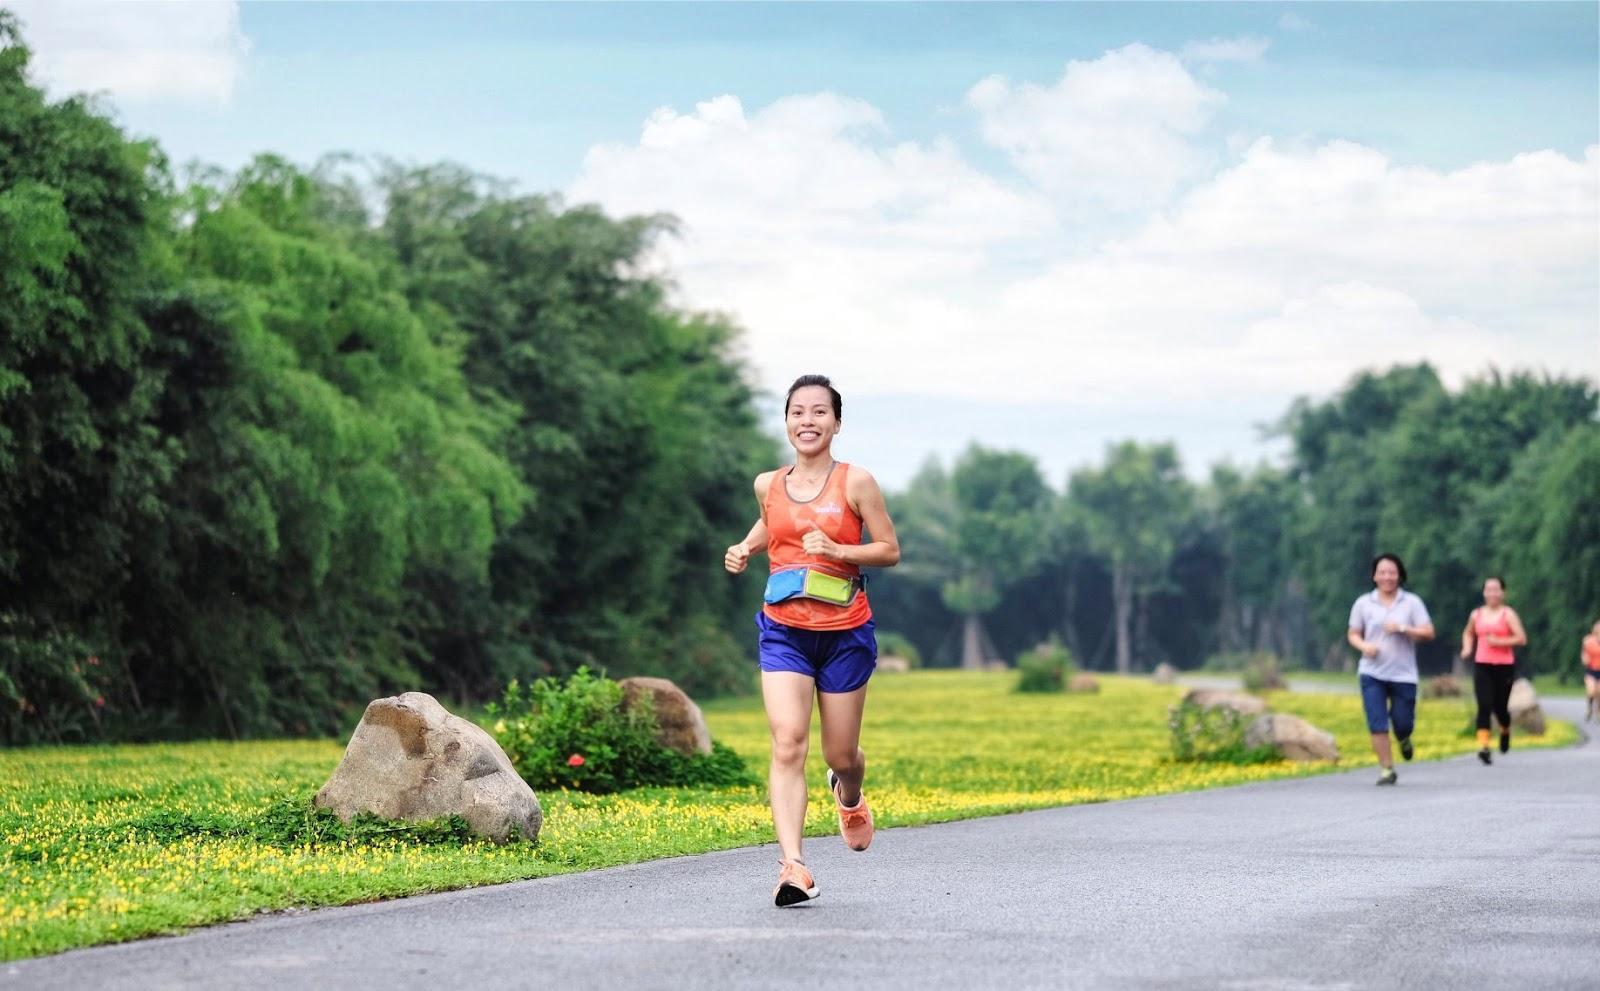 """Ecopark Marathon 2021 - Ngắm cung đường chạy giữa thiên nhiên """"siêu chất"""" trước giờ G - Ảnh 8."""